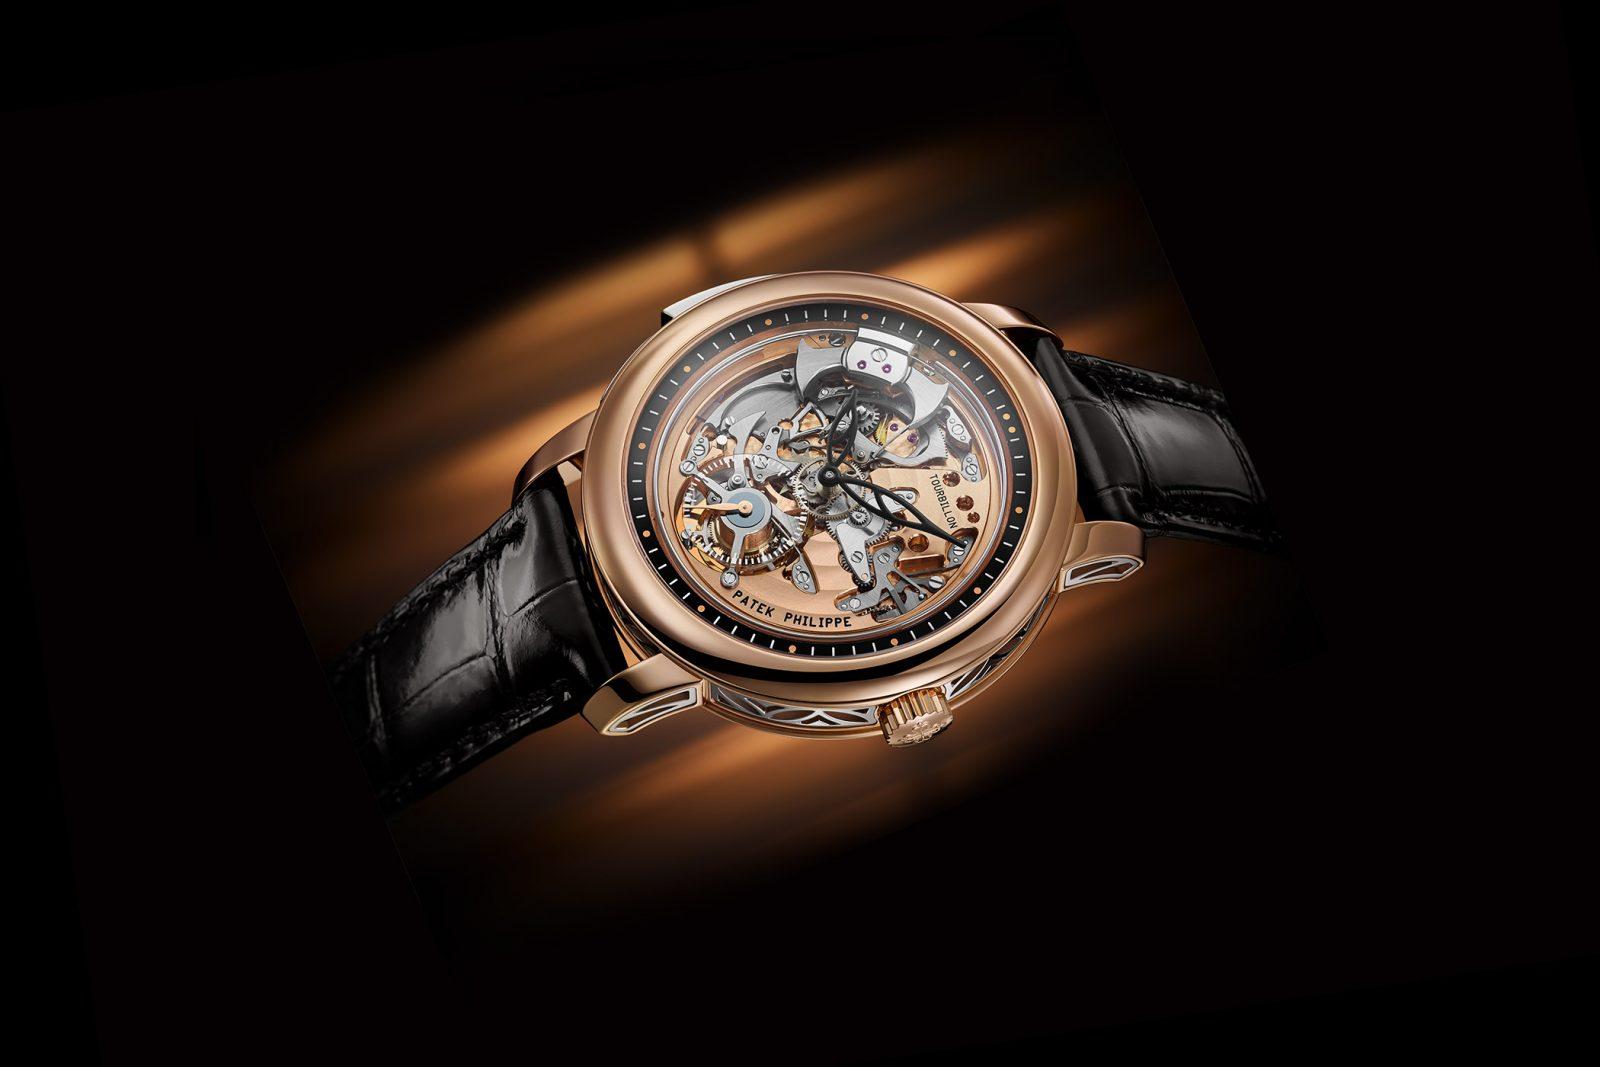 Những mẫu đồng hồ đáng chú ý xuất hiện trong tháng 11/2020